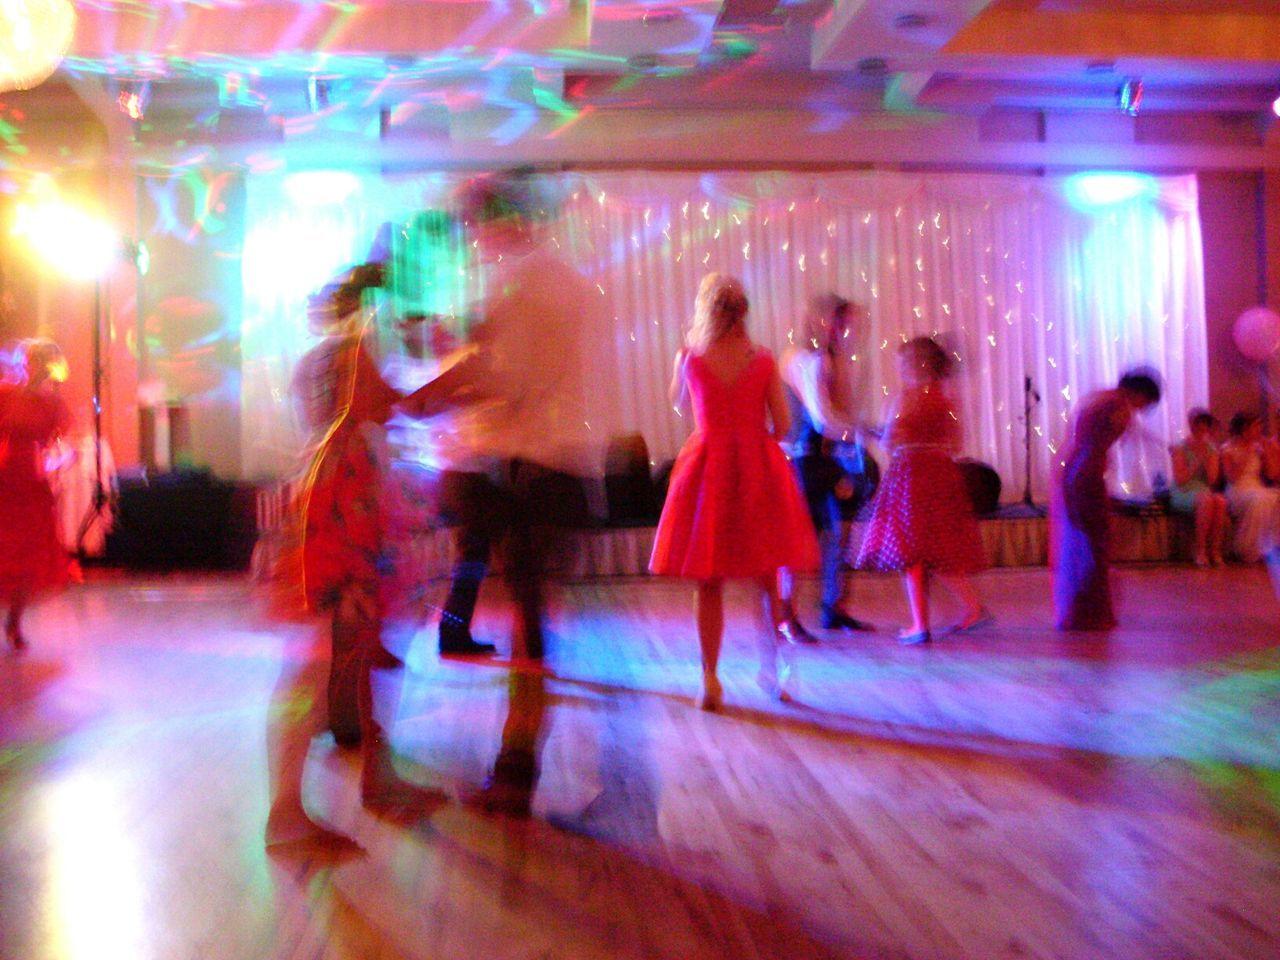 Bailando. Dance Dancing Tanz Tanzen Blurred Motion Verschwommen Colourful Colorful Bunt Party Wedding Hochzeit Red Dress Rotes Kleid Red Rot